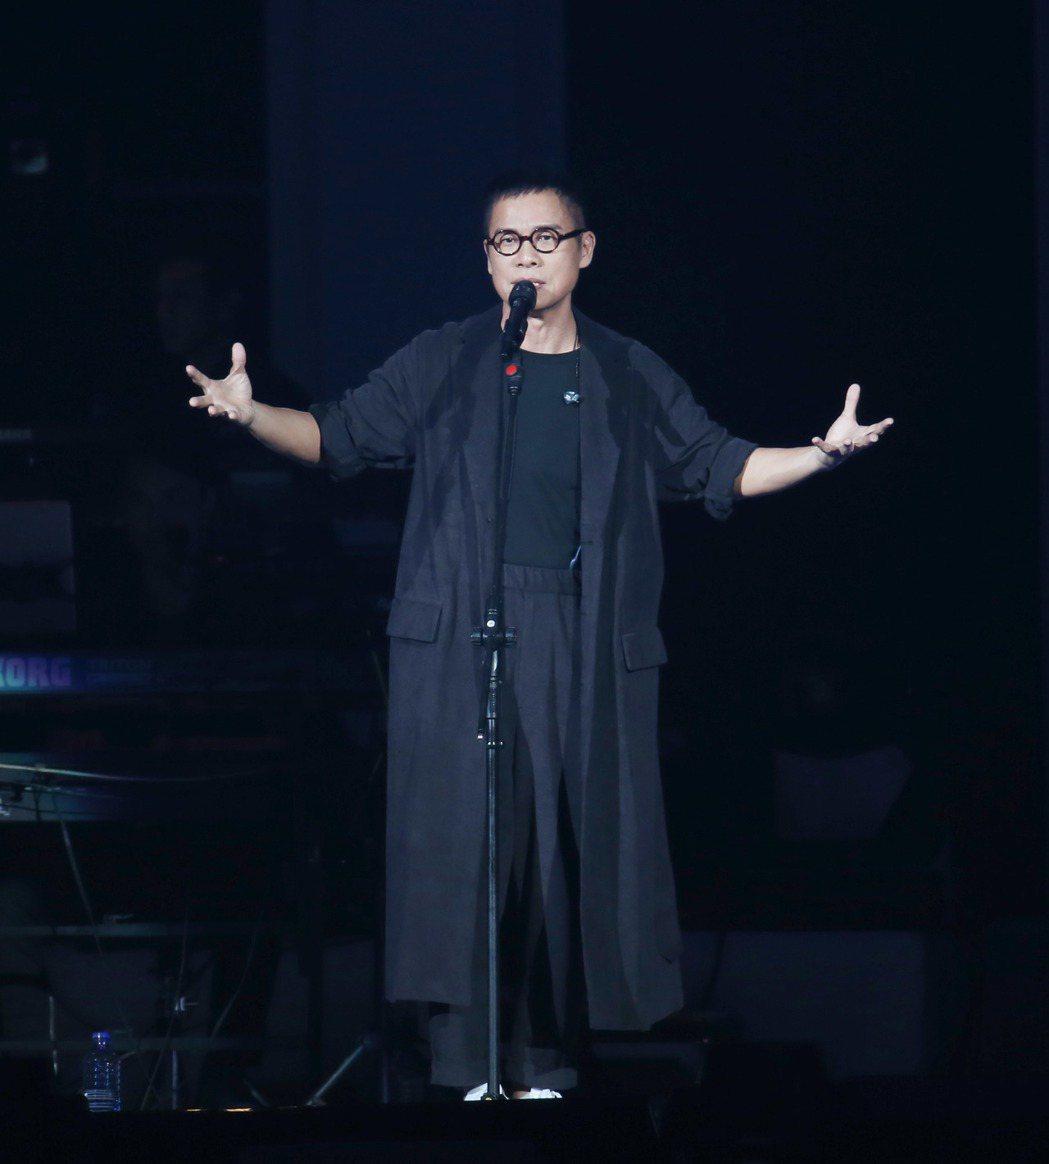 羅大佑在台北小巨蛋舉辦演唱會。記者陳瑞源/攝影